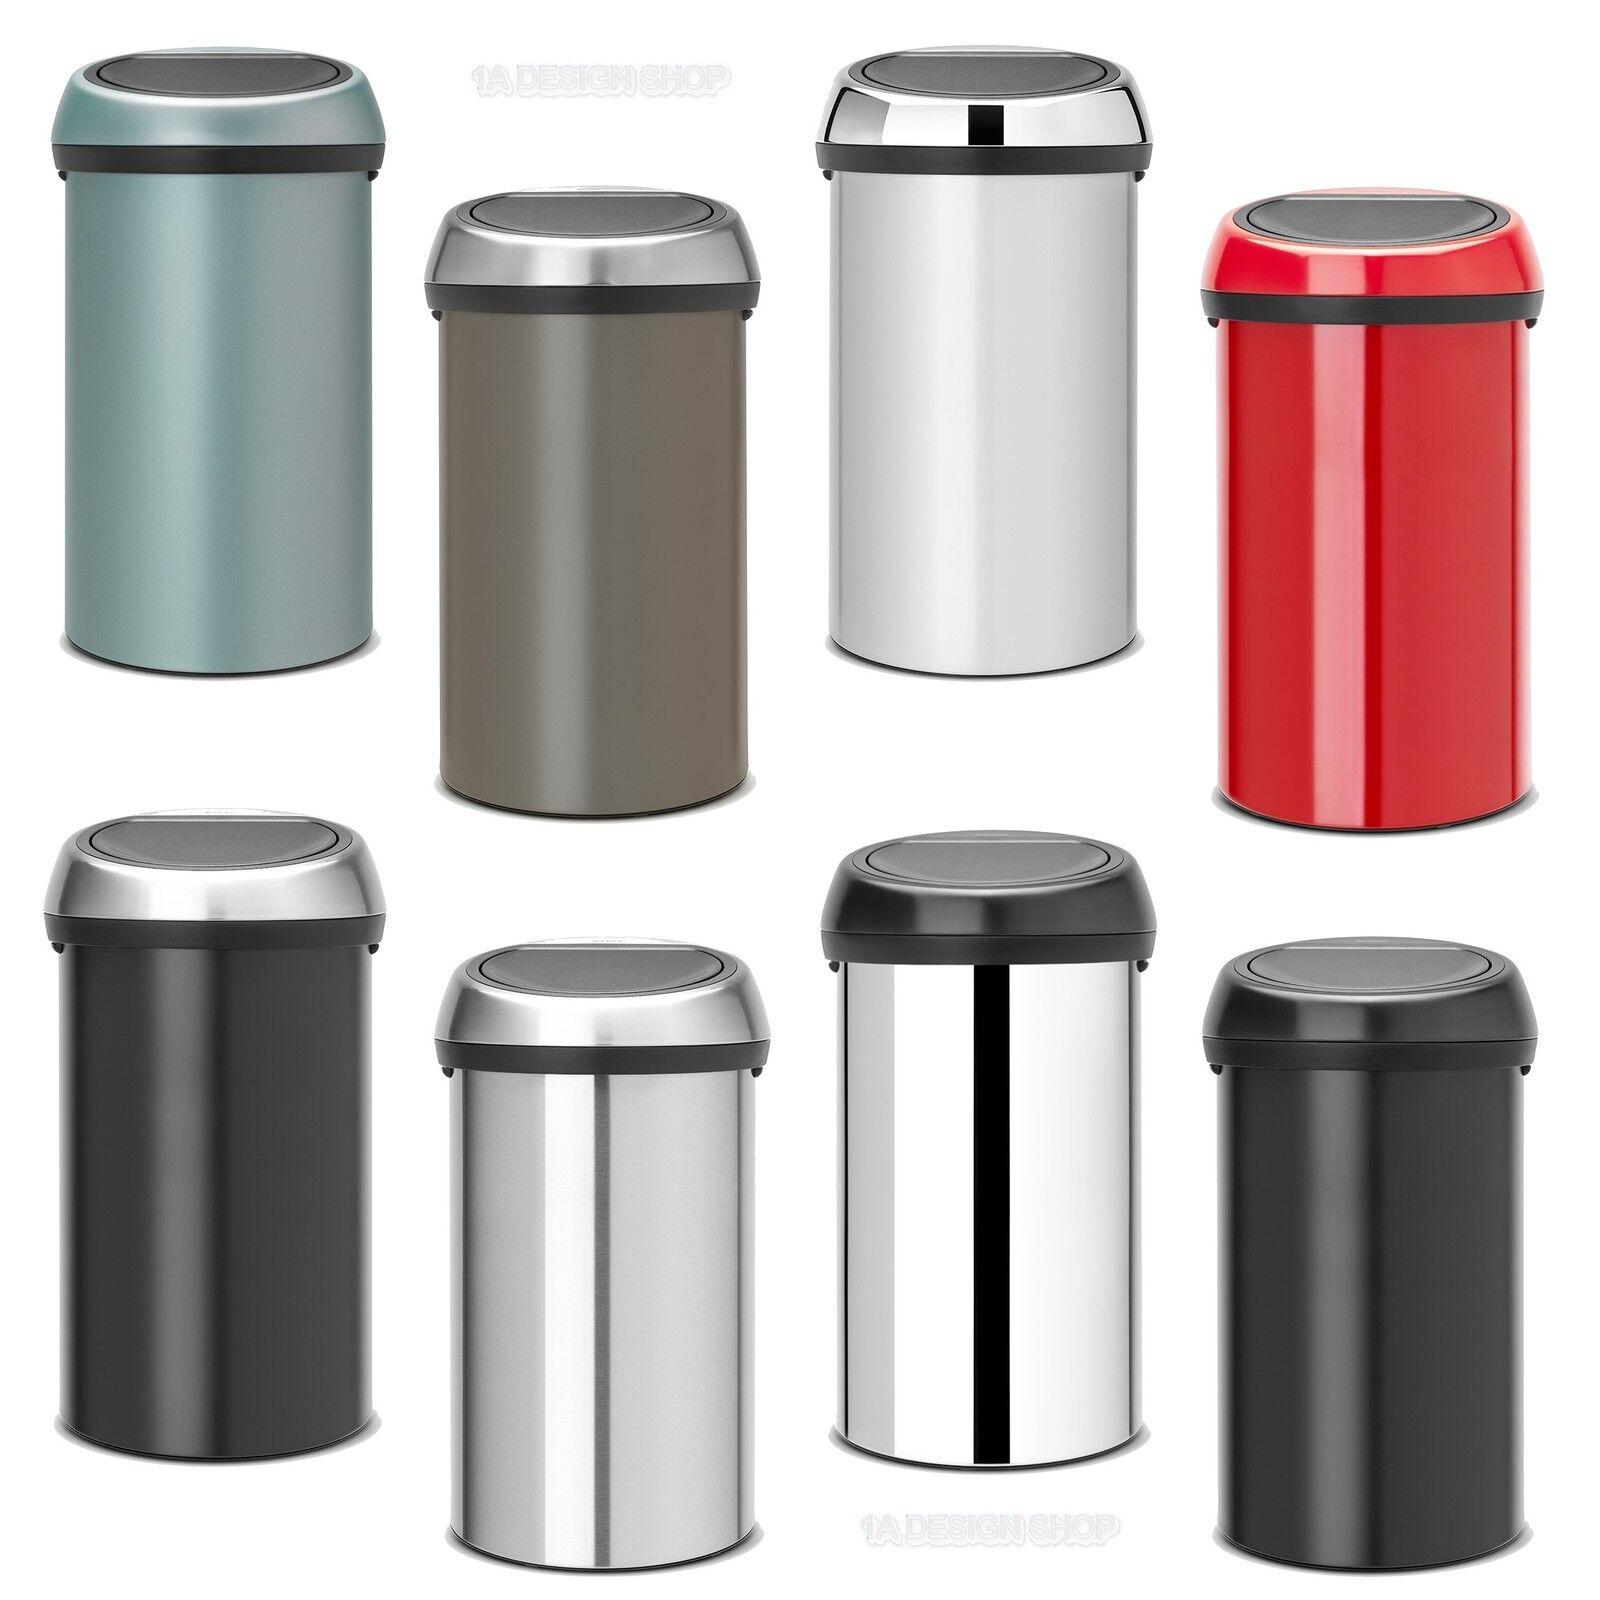 Details zu Brabantia XXL Mülleimer Touch Bin 60 Liter Abfalleimer mit dem genialen Deckel